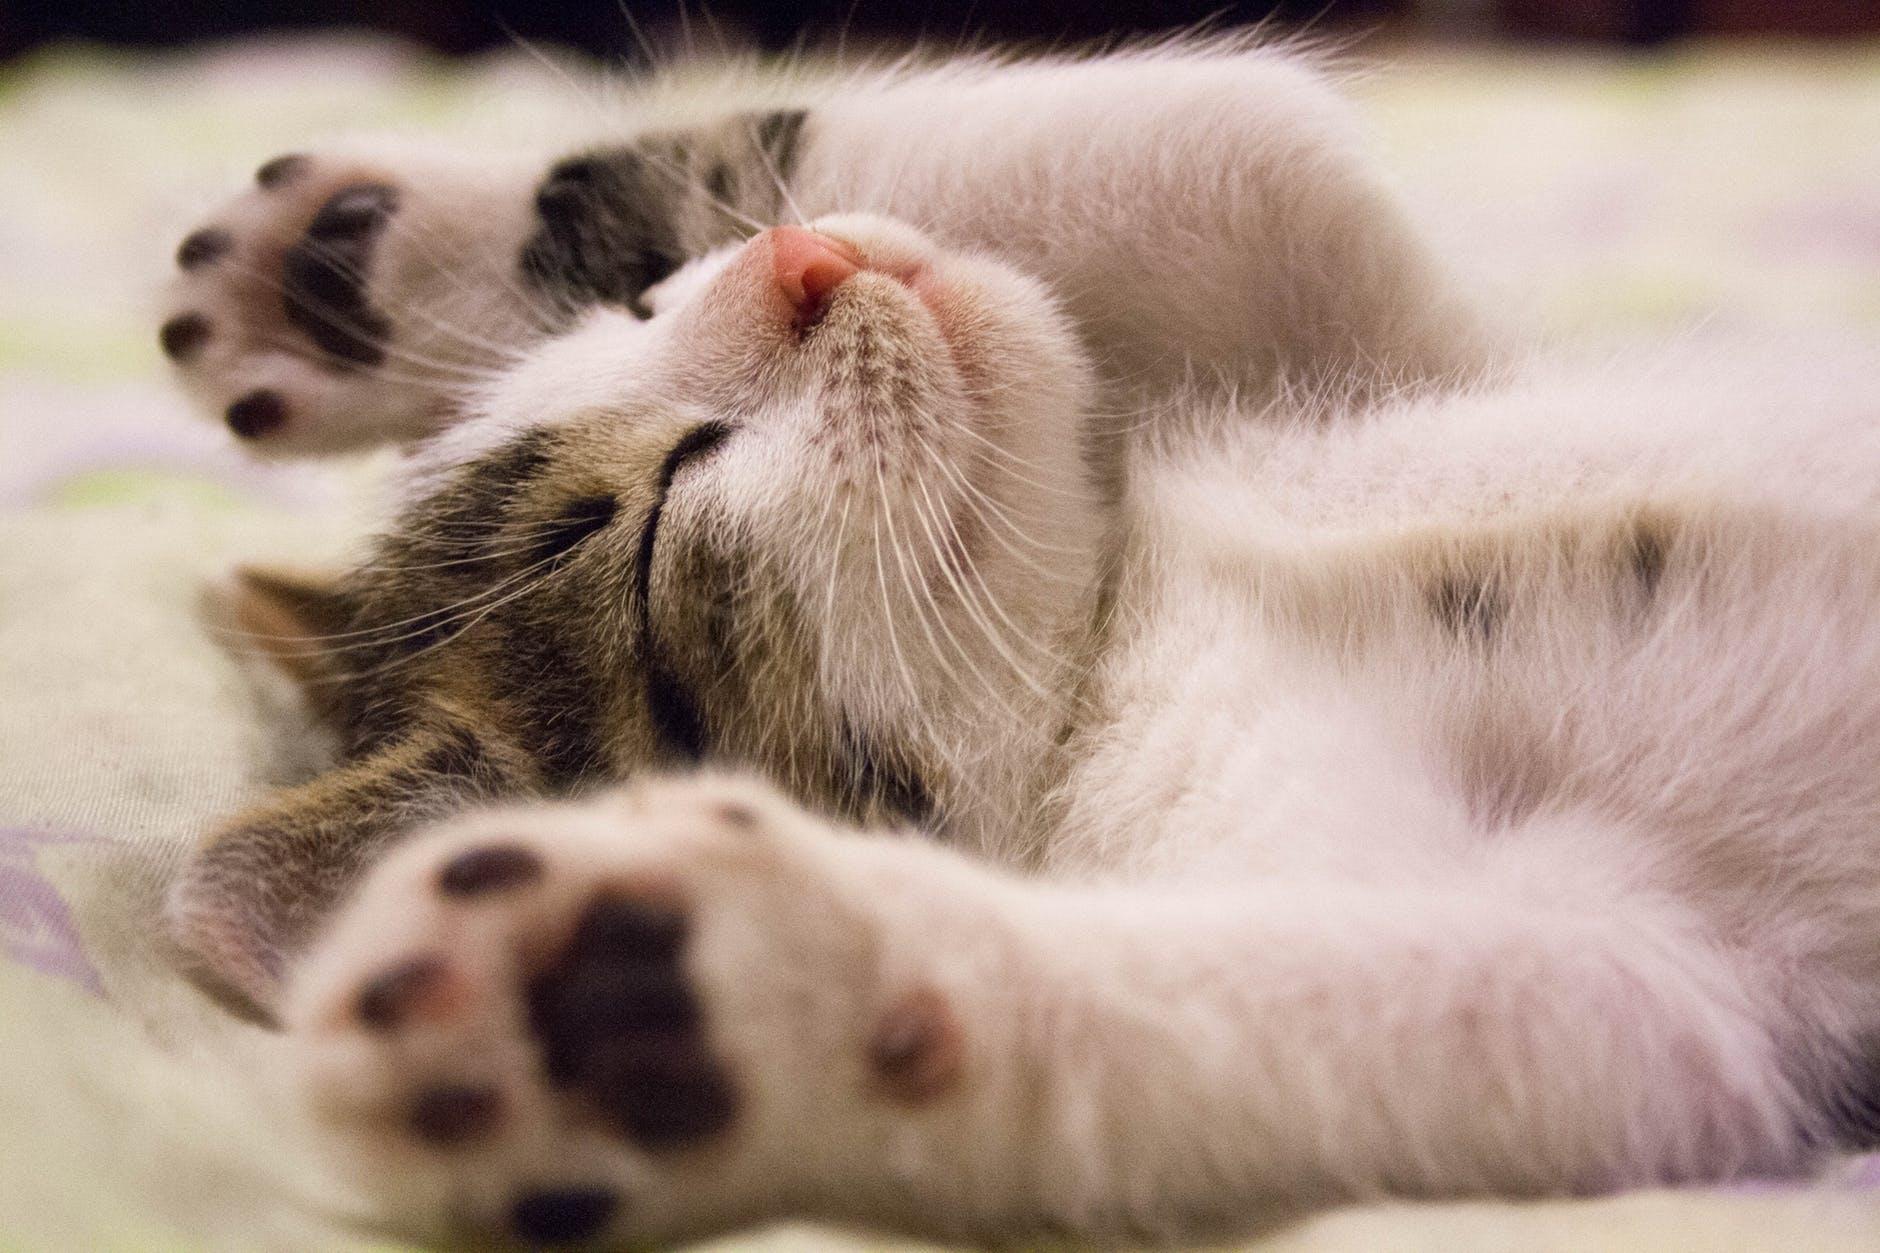 Las patitas de los gatos son poesía para los catlovers